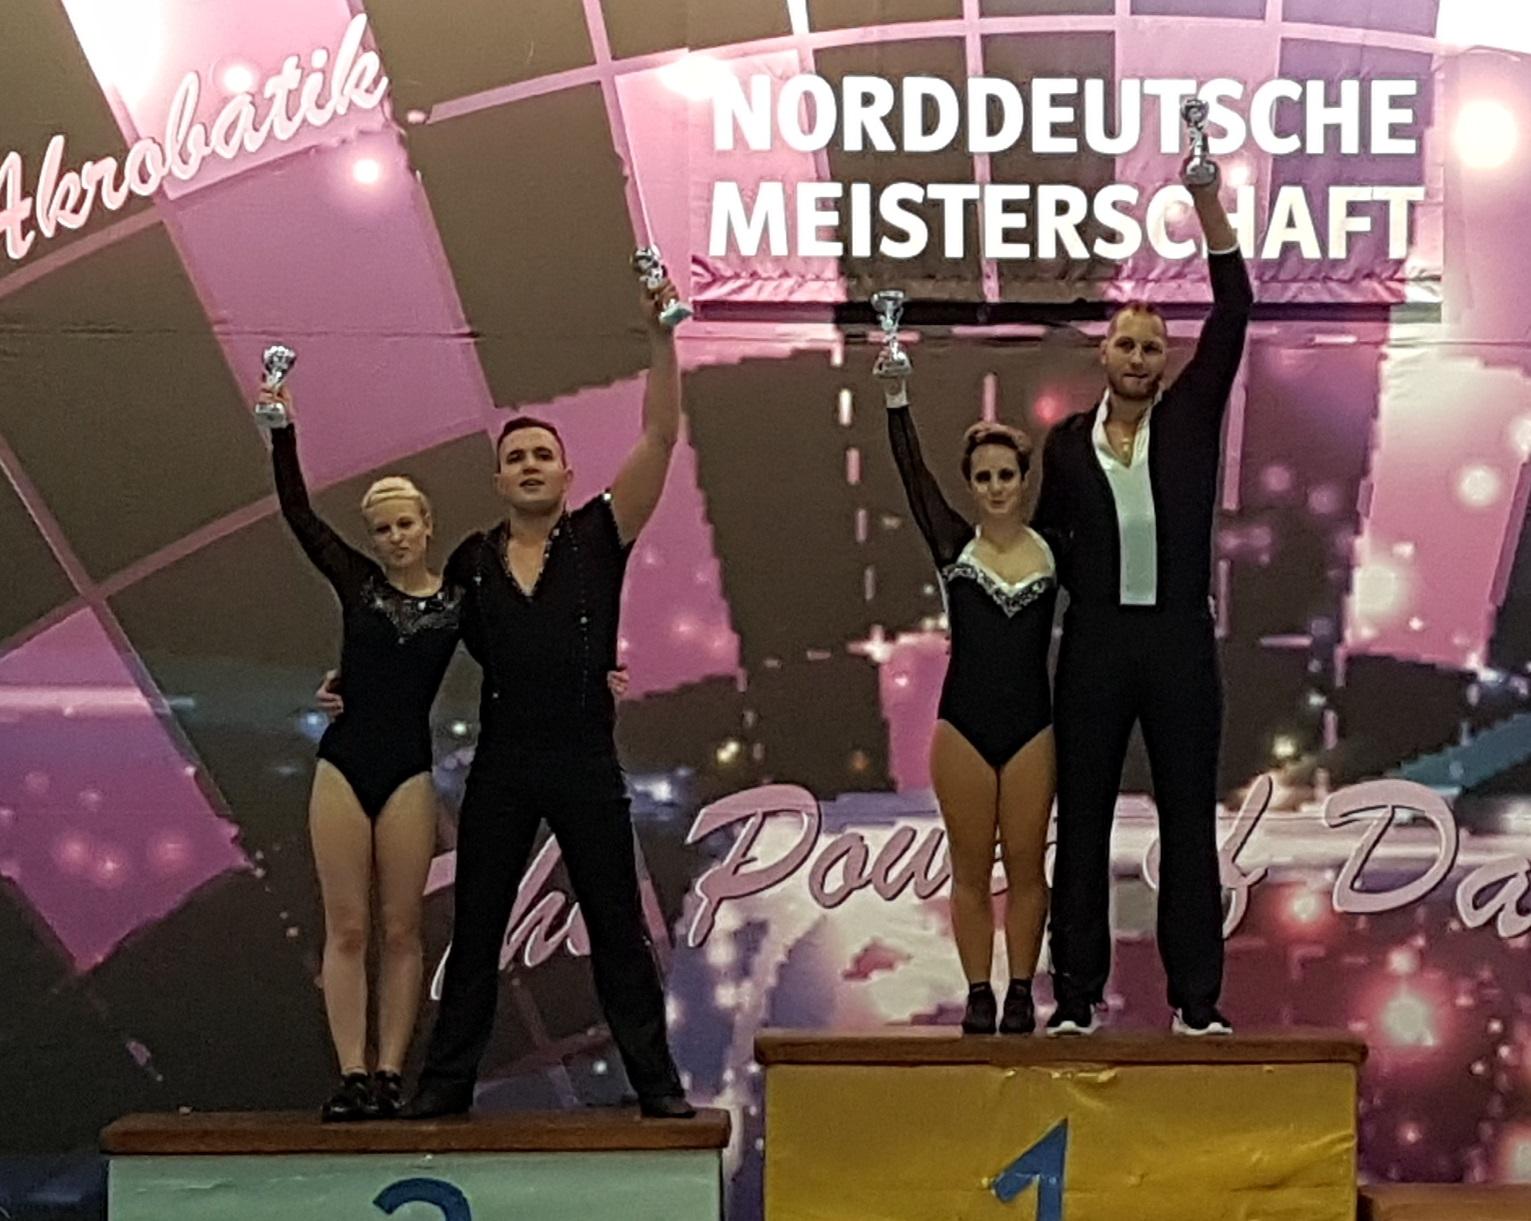 Vier Norddeutsche Meister aus Nordrhein-Westfalen